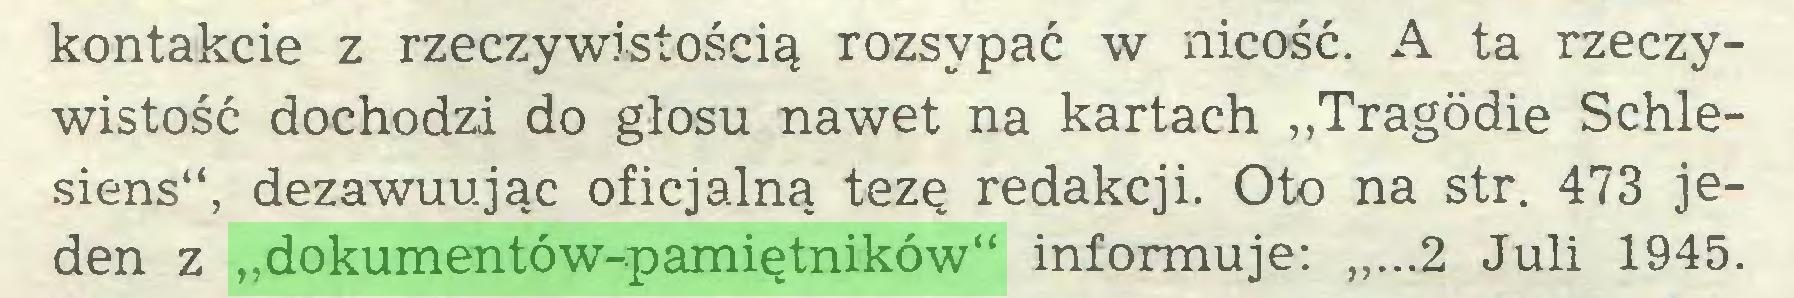 """(...) kontakcie z rzeczywistością rozsypać w nicość. A ta rzeczywistość dochodzi do głosu nawet na kartach """"Tragödie Schlesiens"""", dezawuując oficjalną tezę redakcji. Oto na str. 473 jeden z """"dokumentów-pamiętników"""" informuje: """"...2 Juli 1945..."""